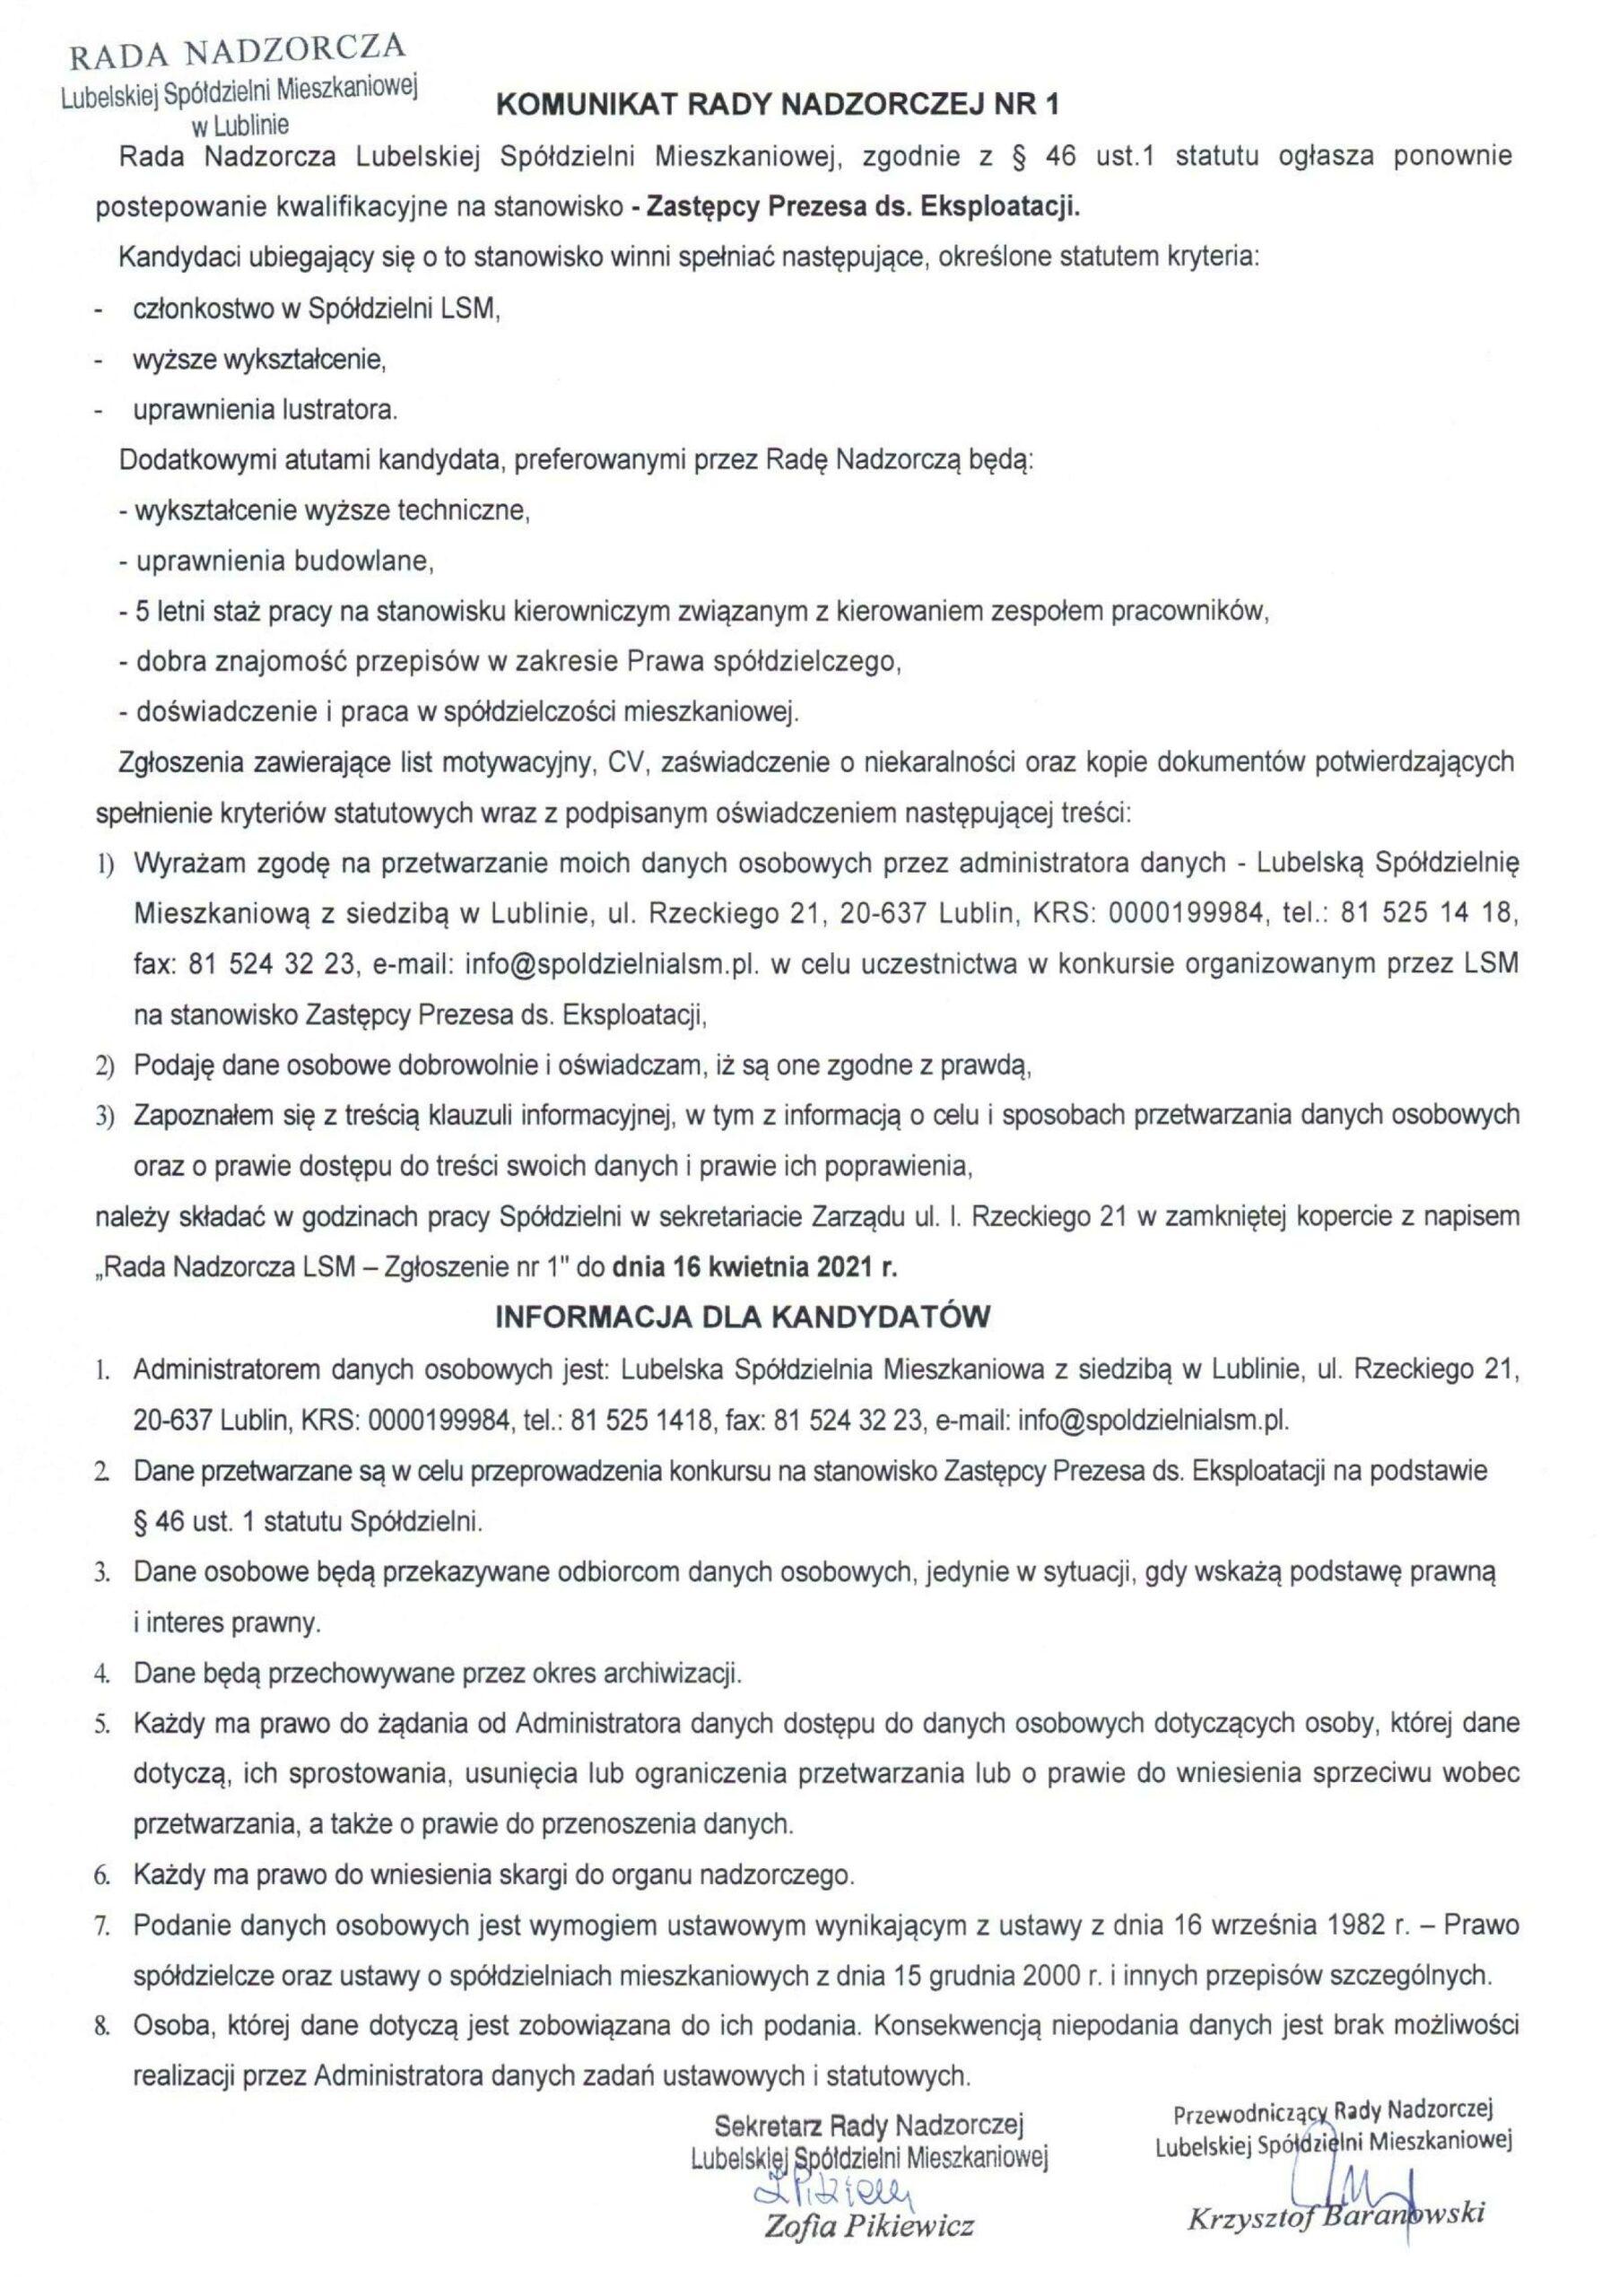 Komunikat Rady Nadzorczej LSM Nr1